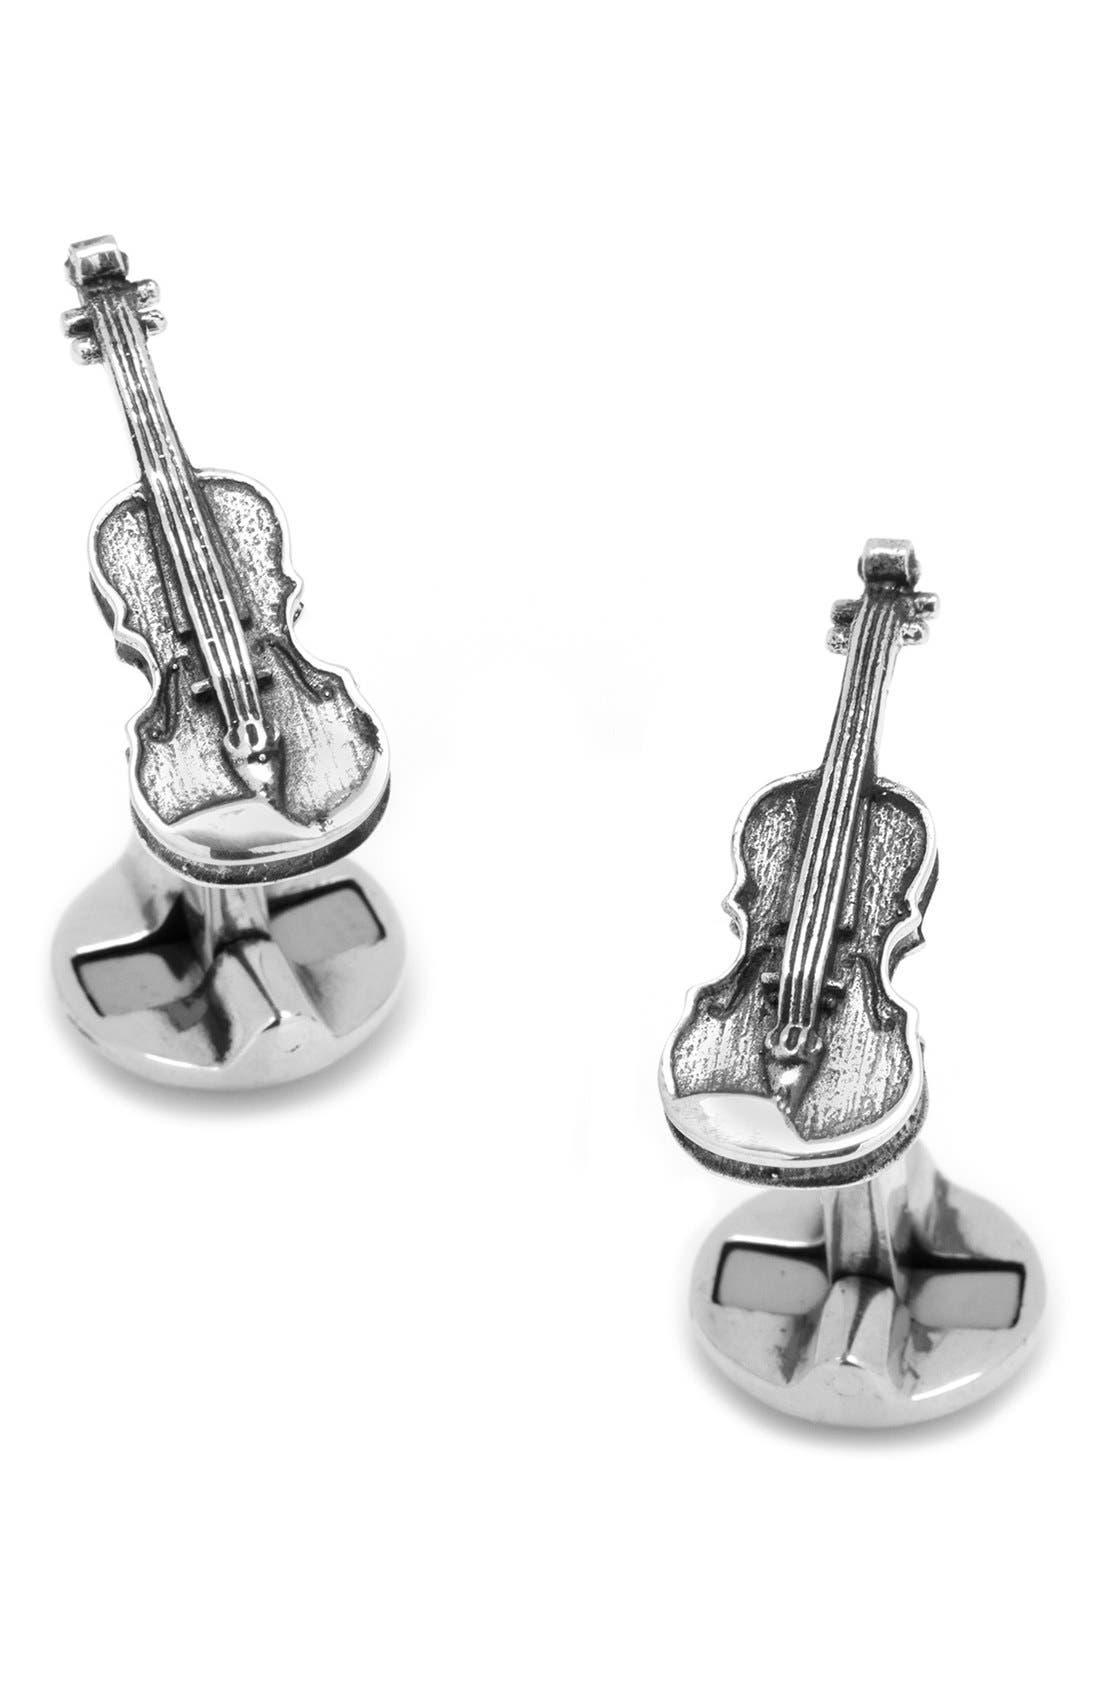 Violin Cuff Links,                         Main,                         color, Silver